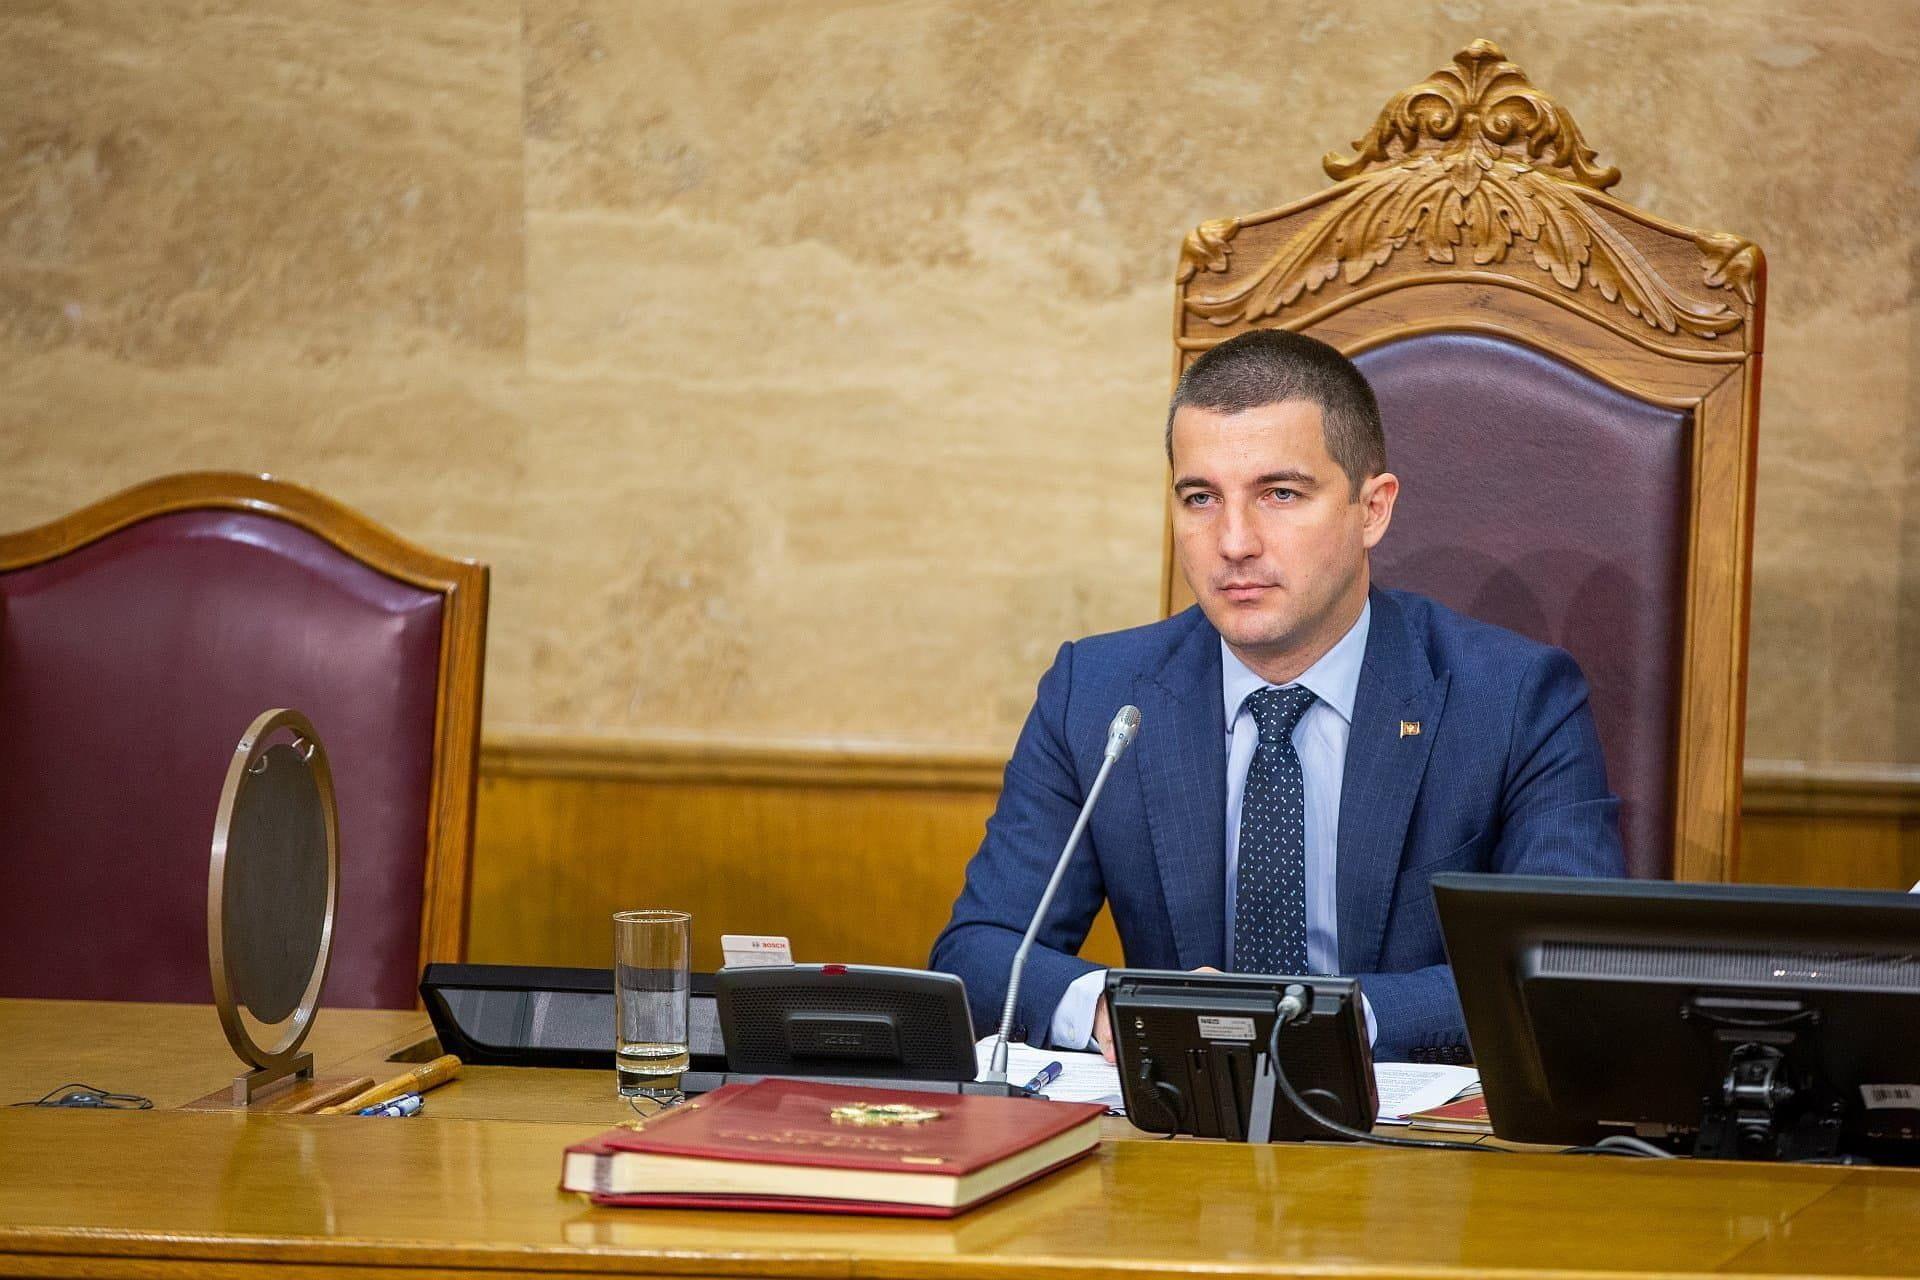 Bečić proglasio novi Tužilački savjet, čeka se još pet uglednih pravnika koje bira Skupština